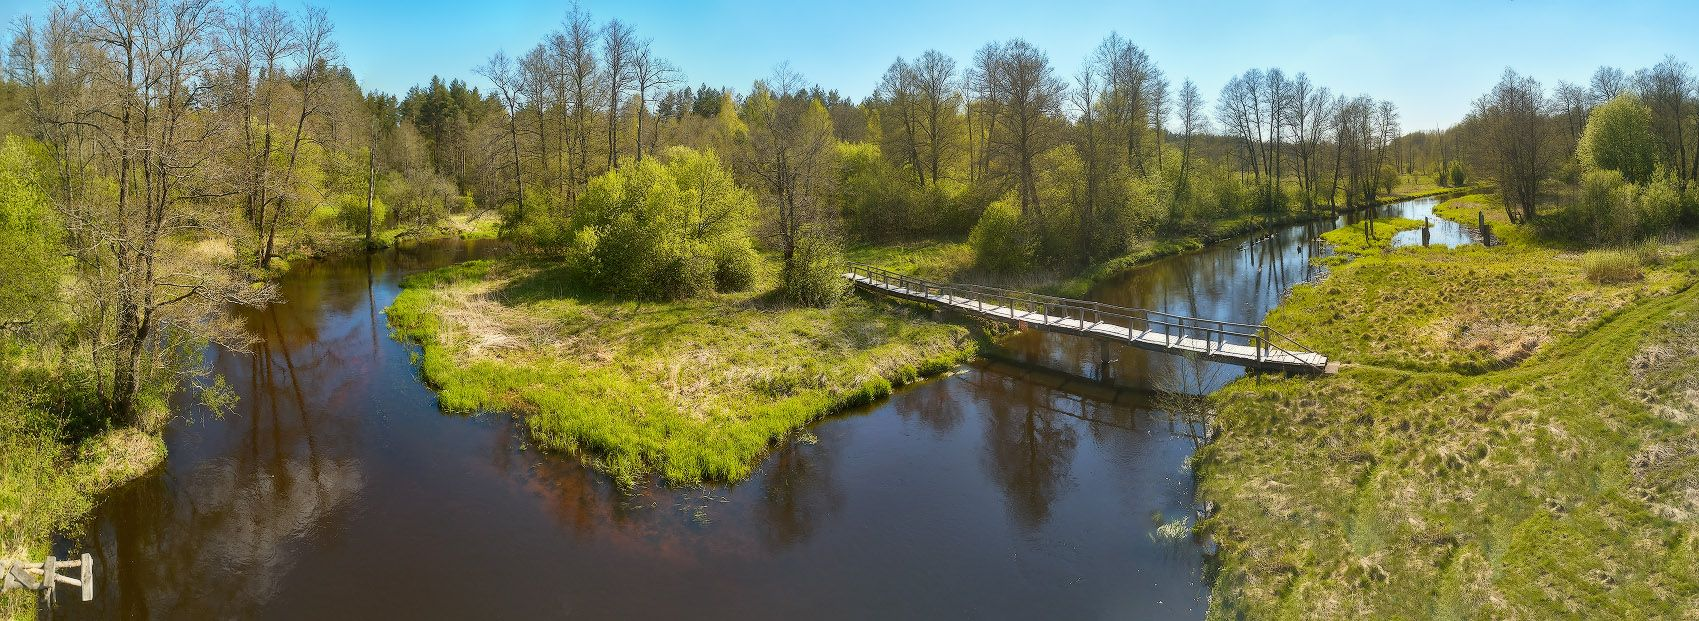 Весна на Узлянке Беларусь Весна Май Панорама Река Узлянка